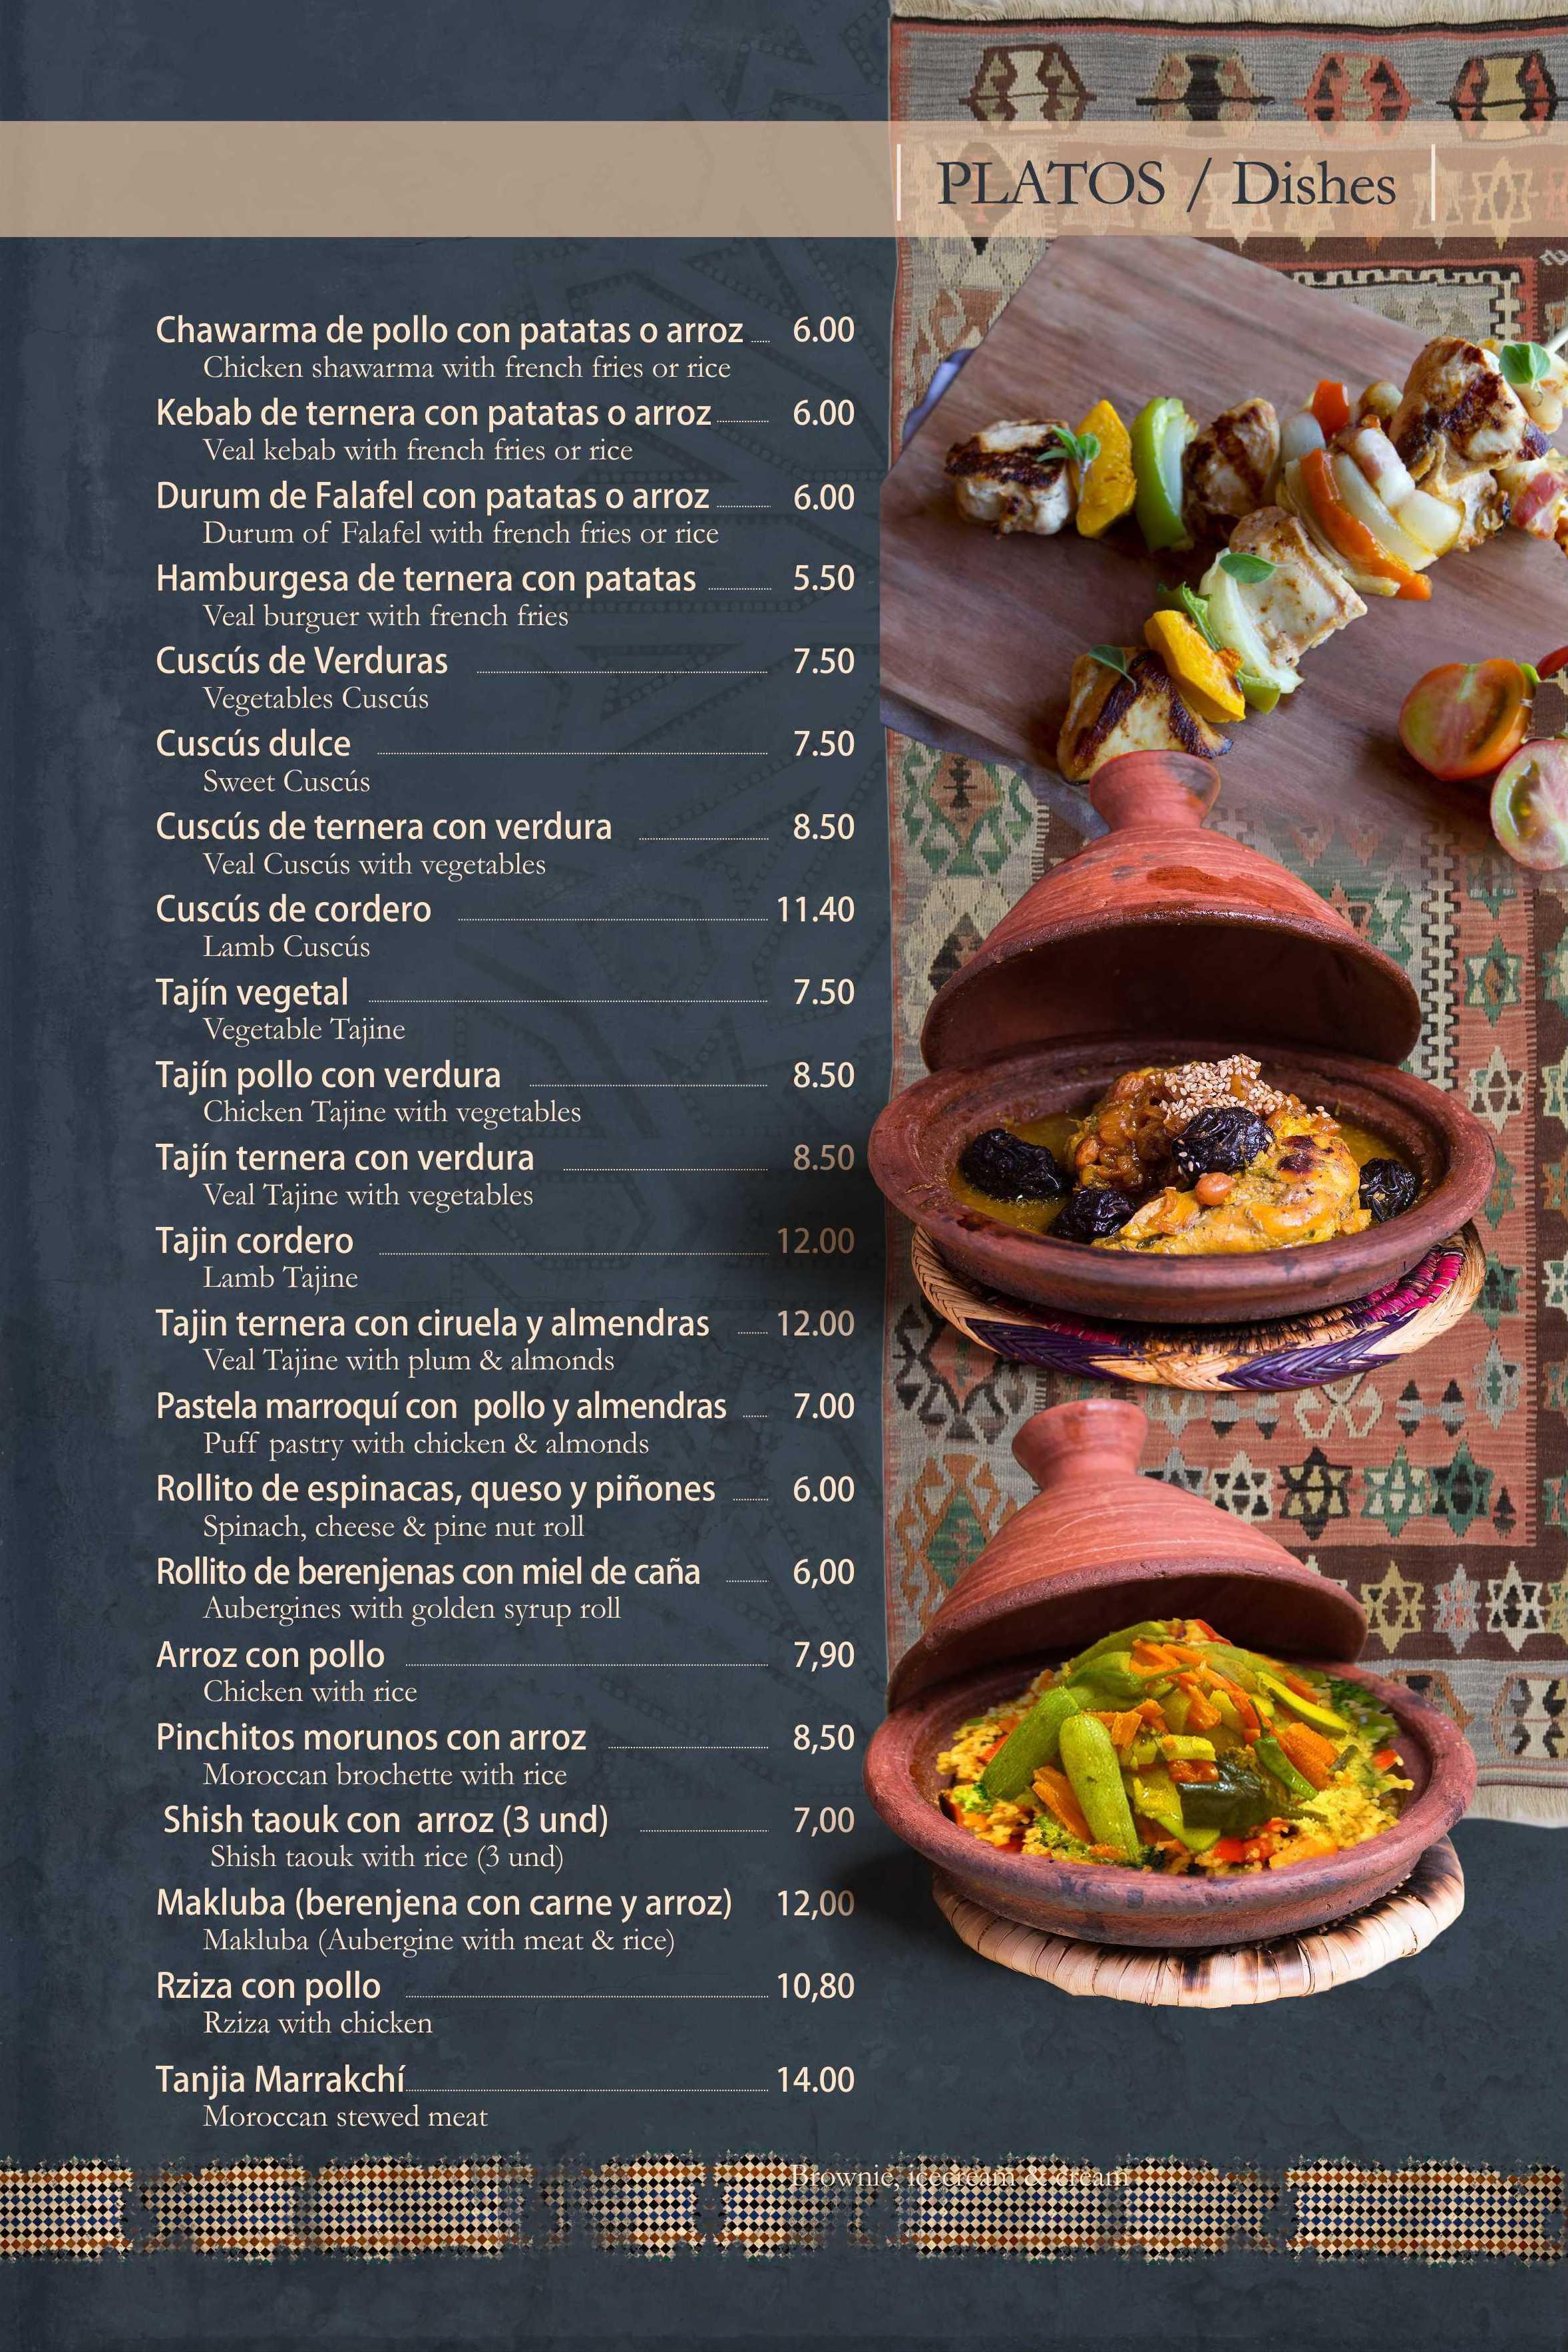 Auténtico restaurante de cocina tradicional árabe en Granada